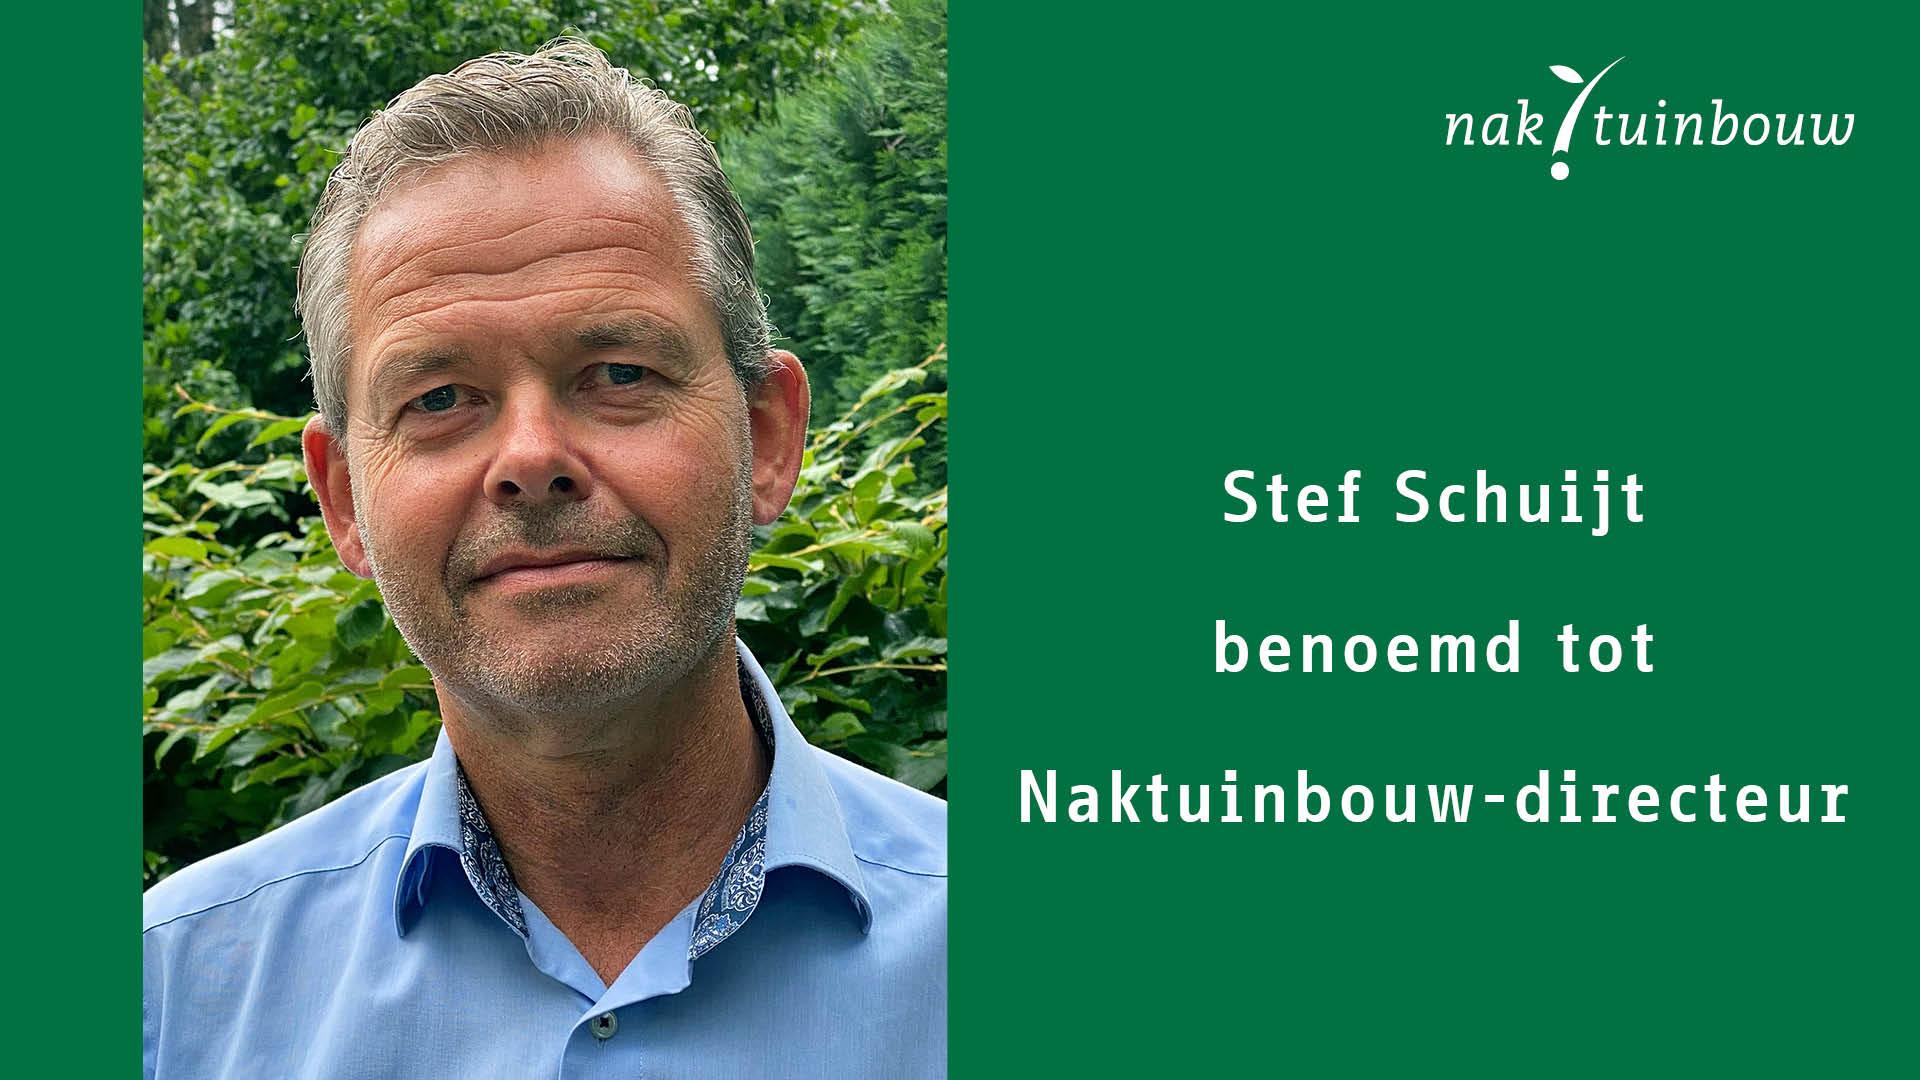 Stef Schuijt benoemd tot Naktuinbouw-directeur